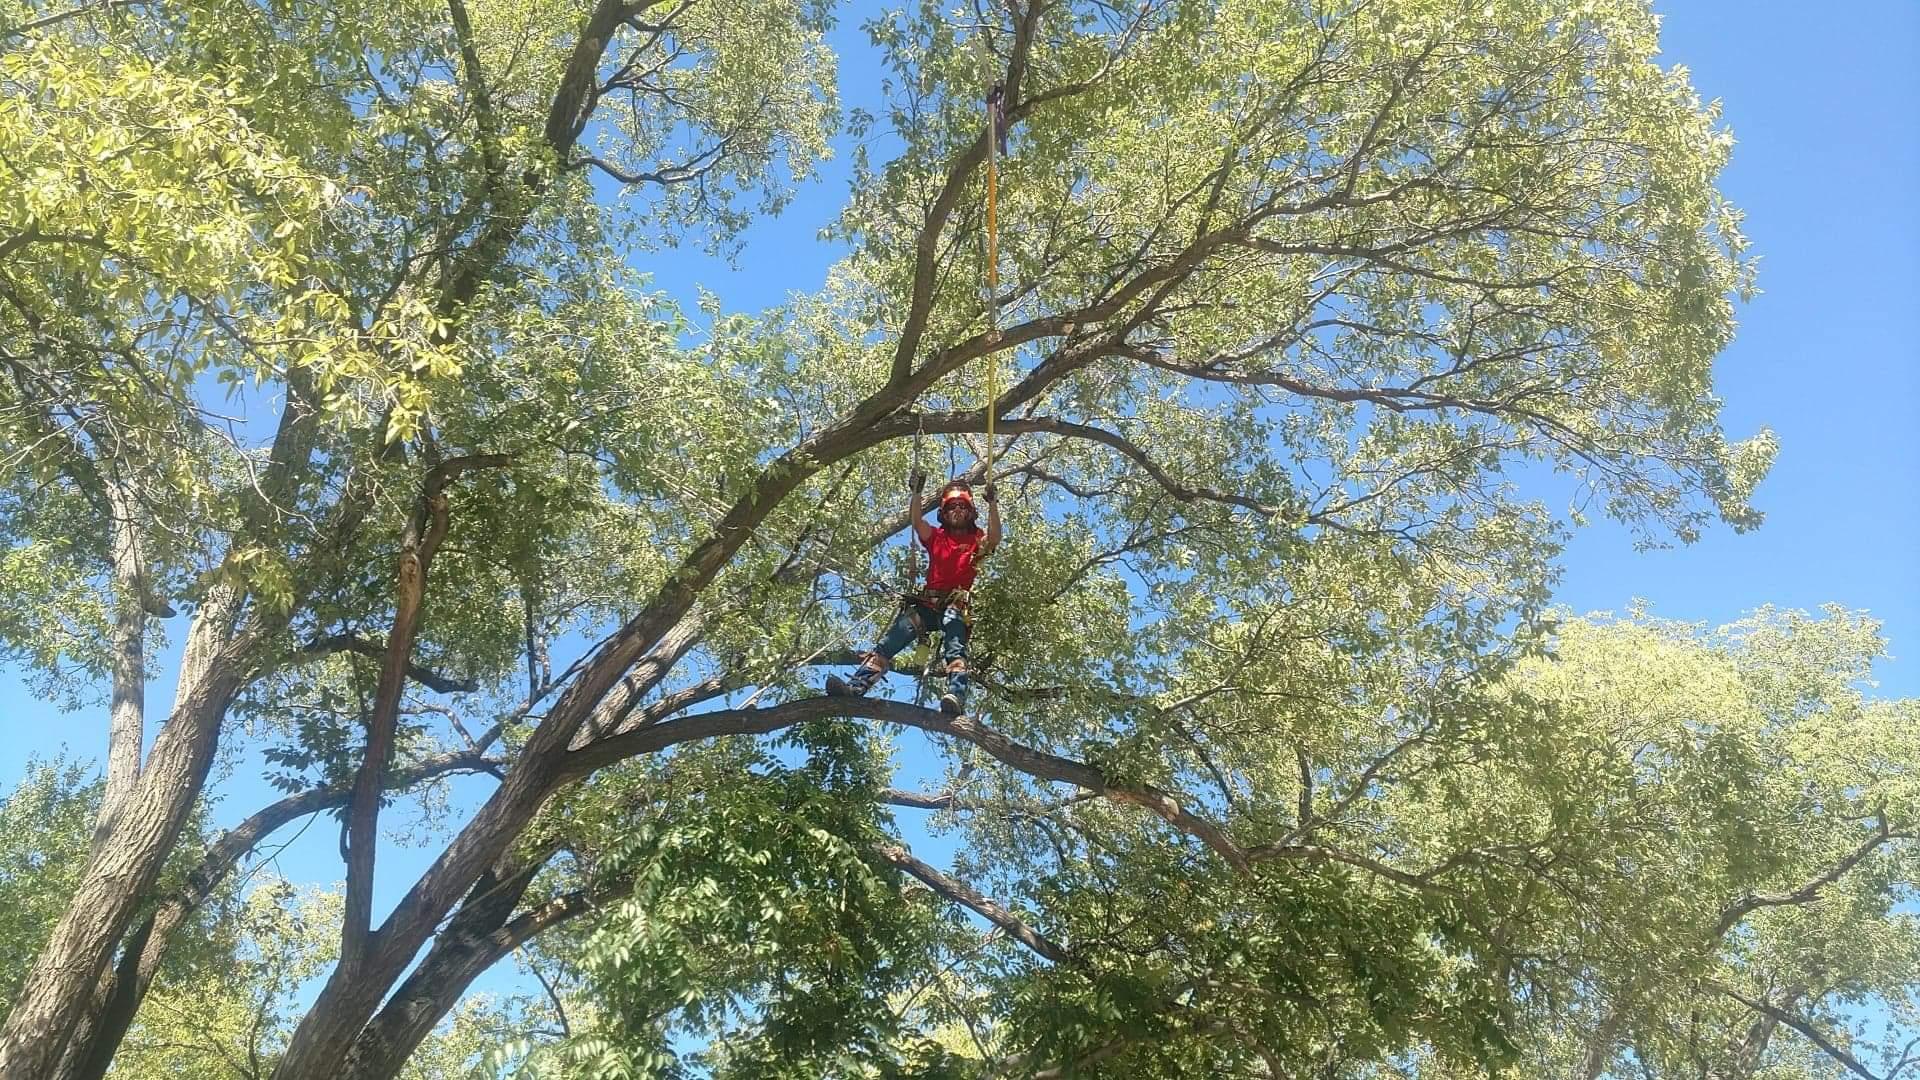 Man Hoisted Into A Tree